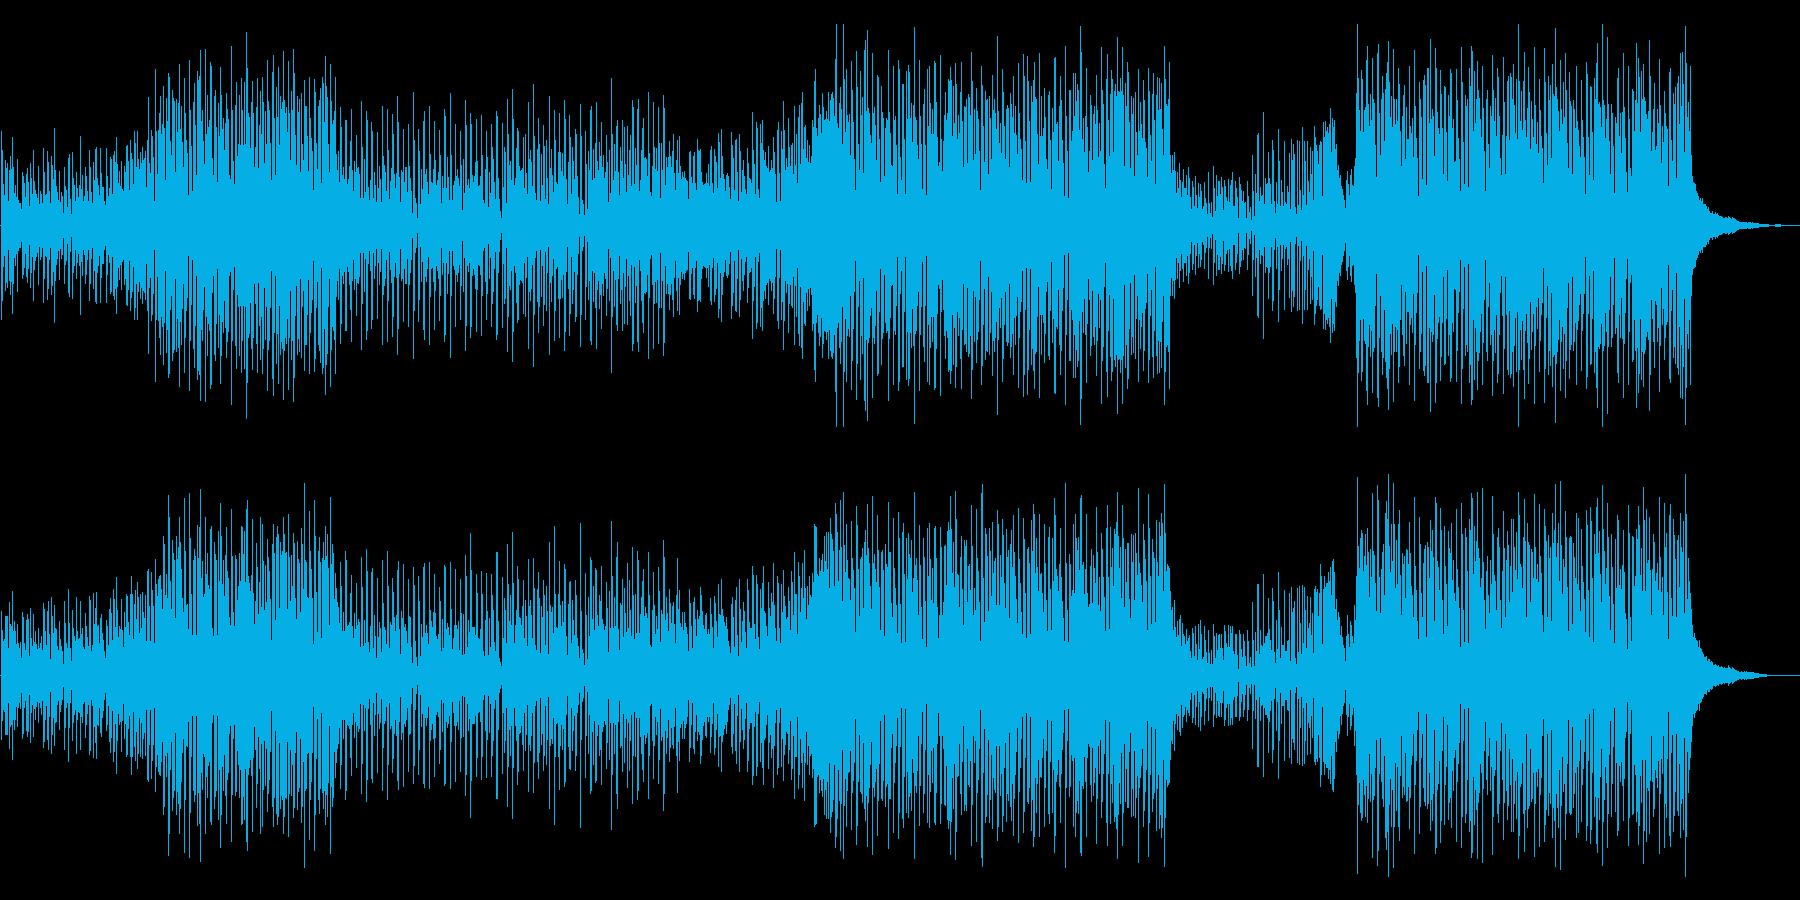 切ない夏を思い出すトロピカルハウスの再生済みの波形